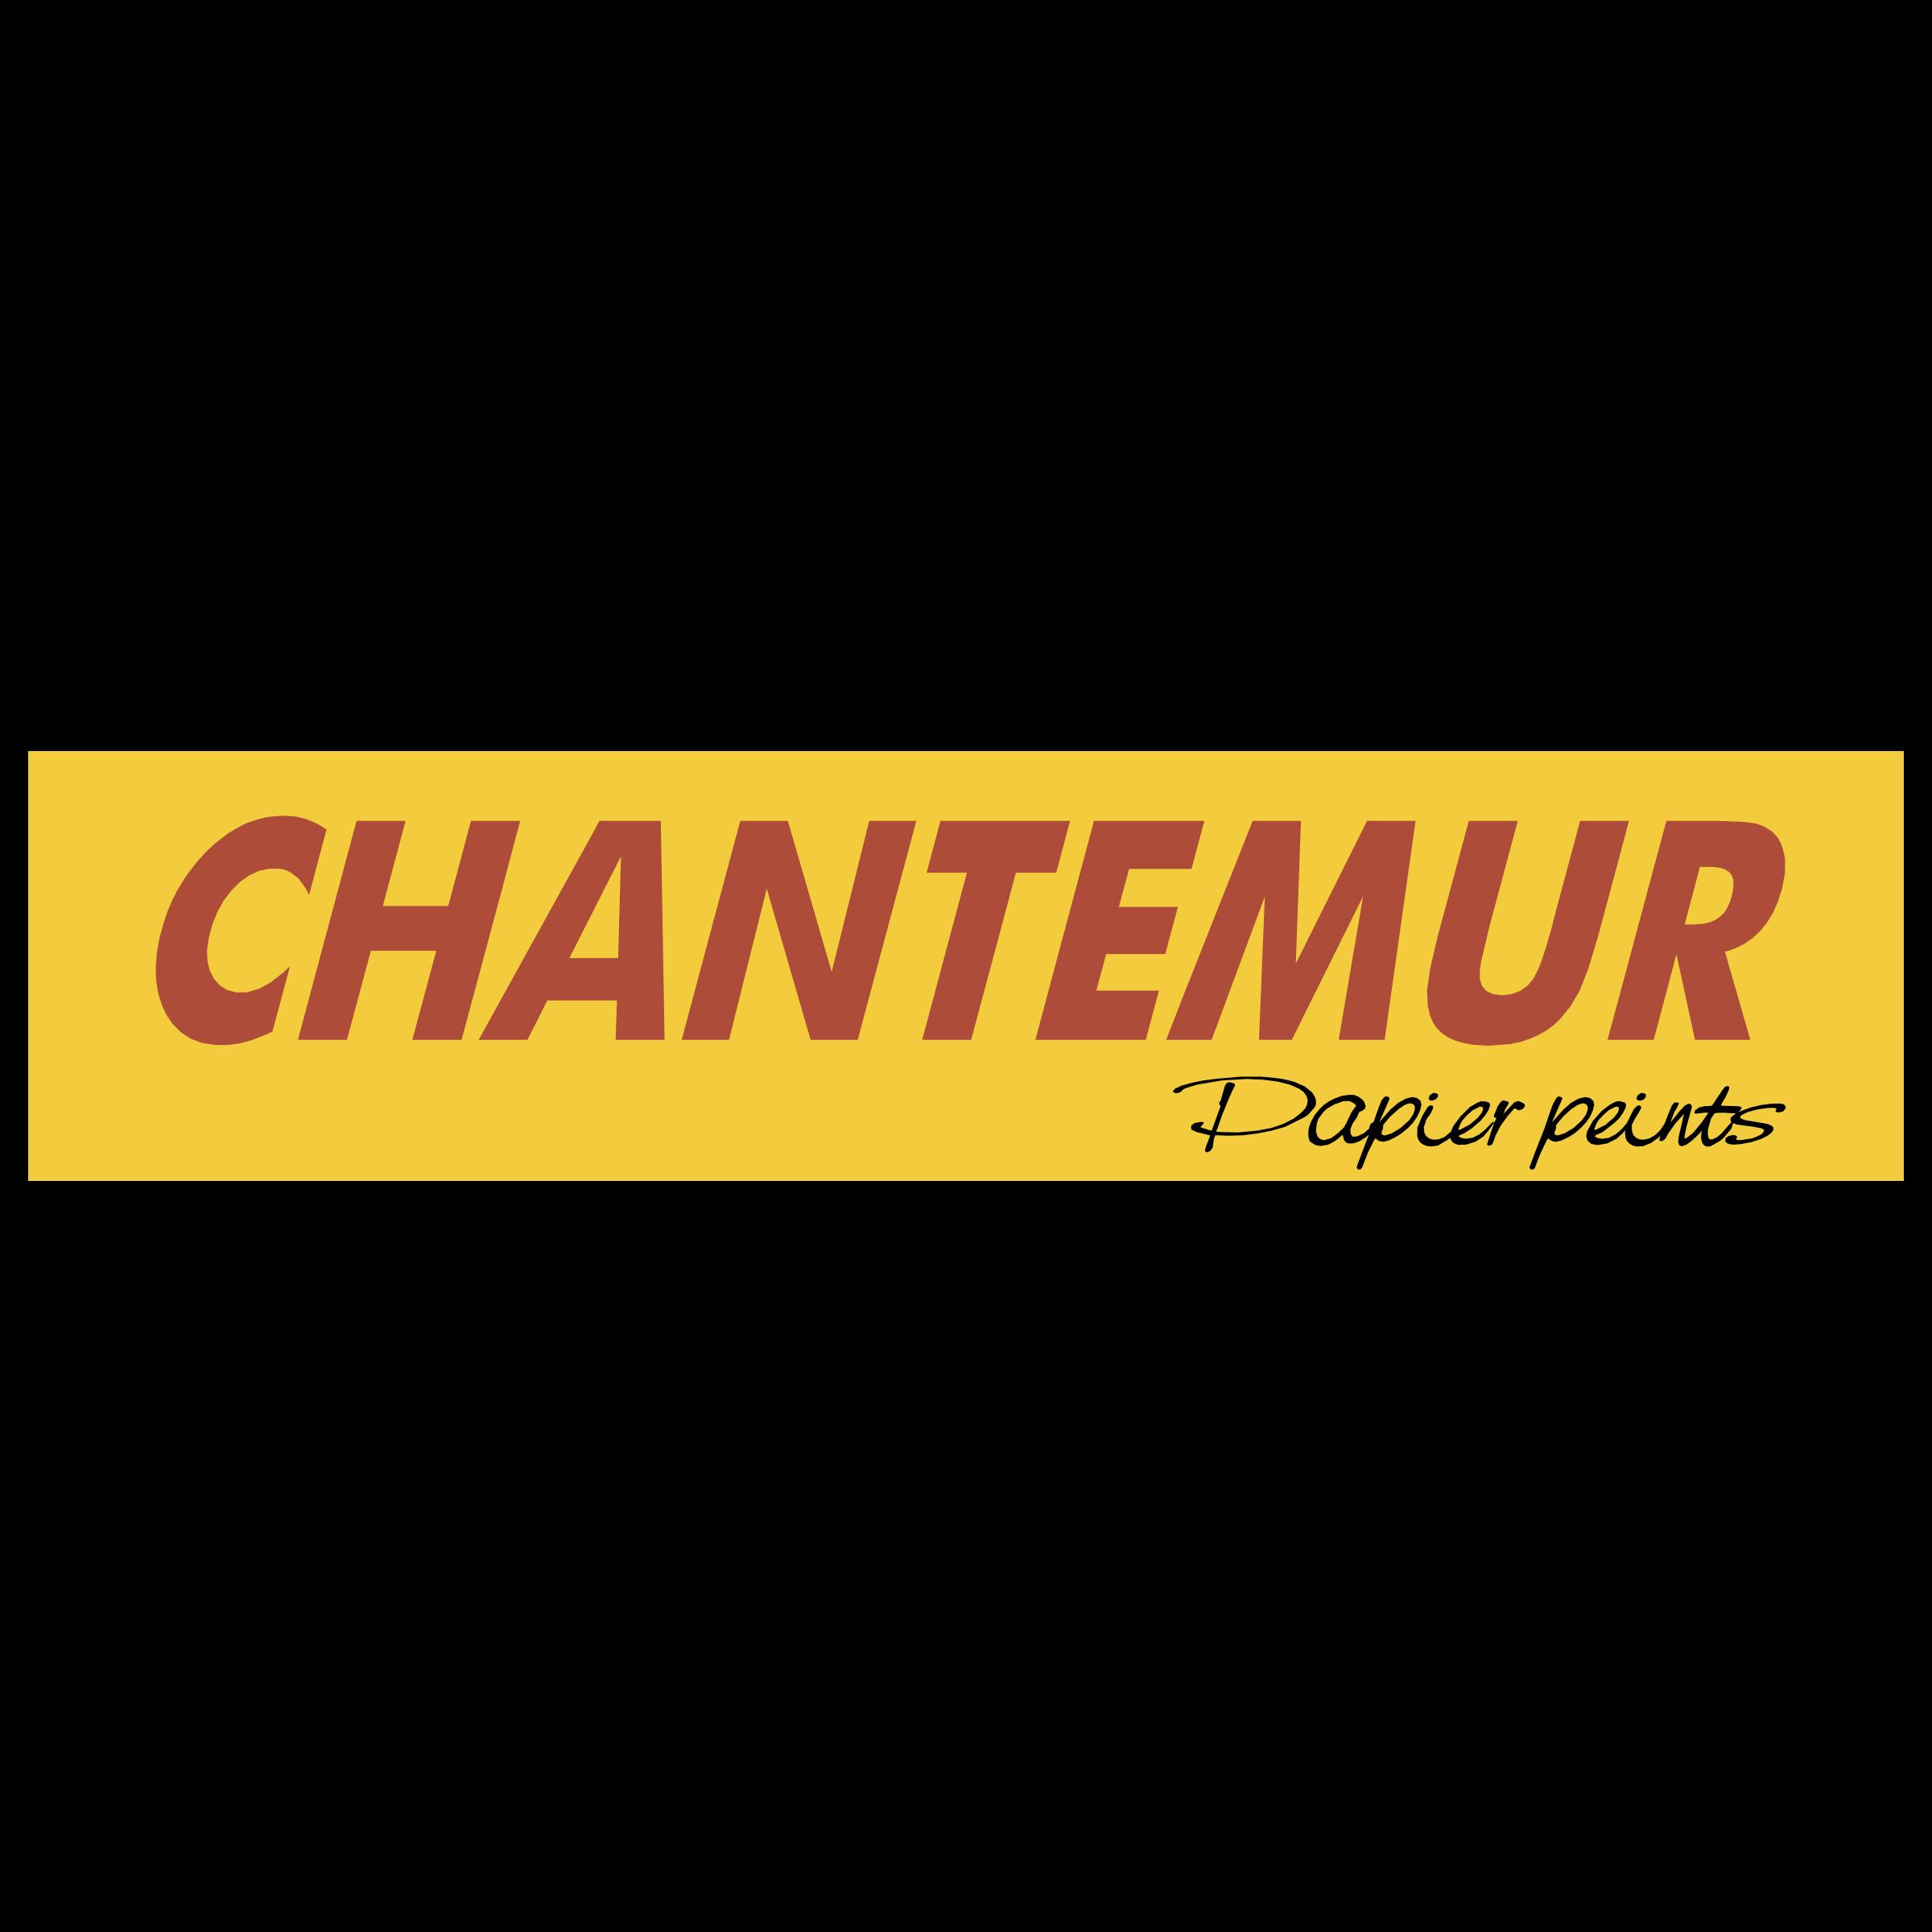 Chantemur Papier Peints 1166 Logo Png Transparent Svg Vector